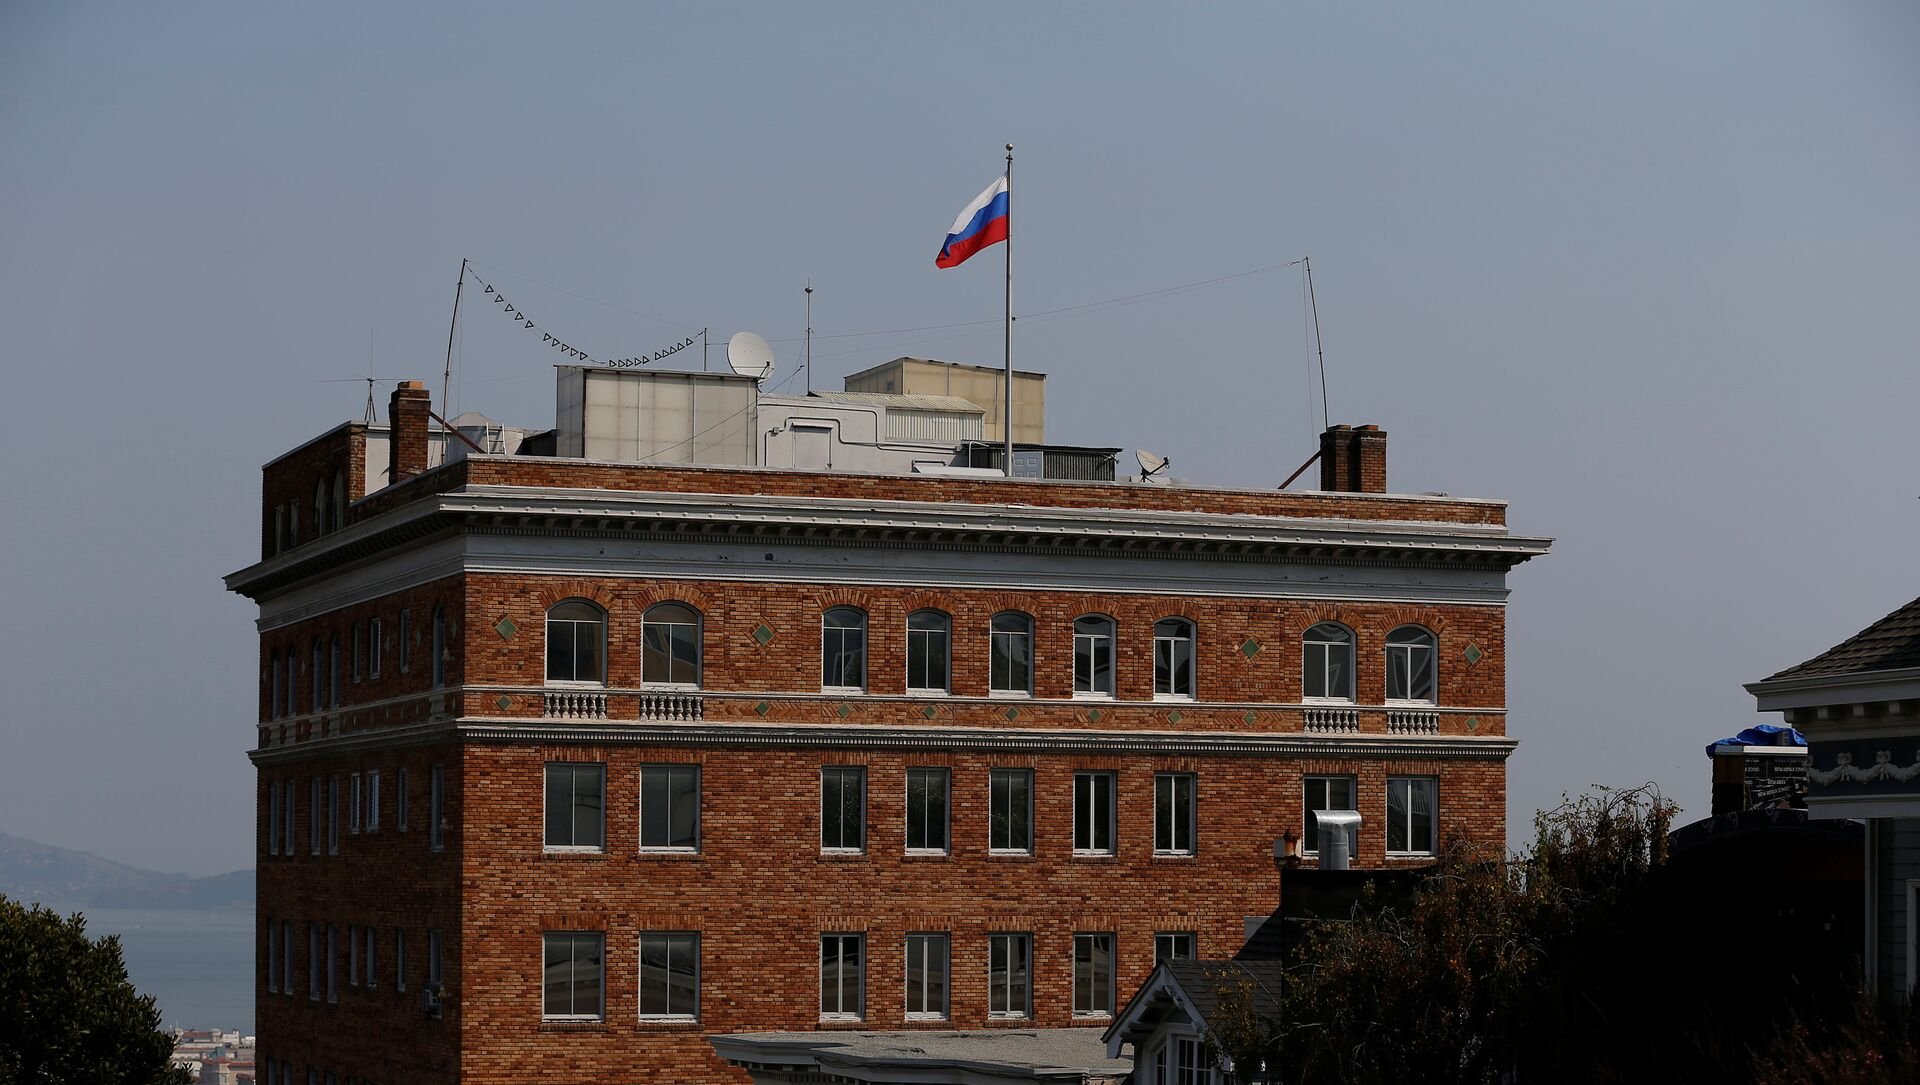 Zgrada ruskog konzulata u San Francisku - Sputnik Srbija, 1920, 03.02.2021